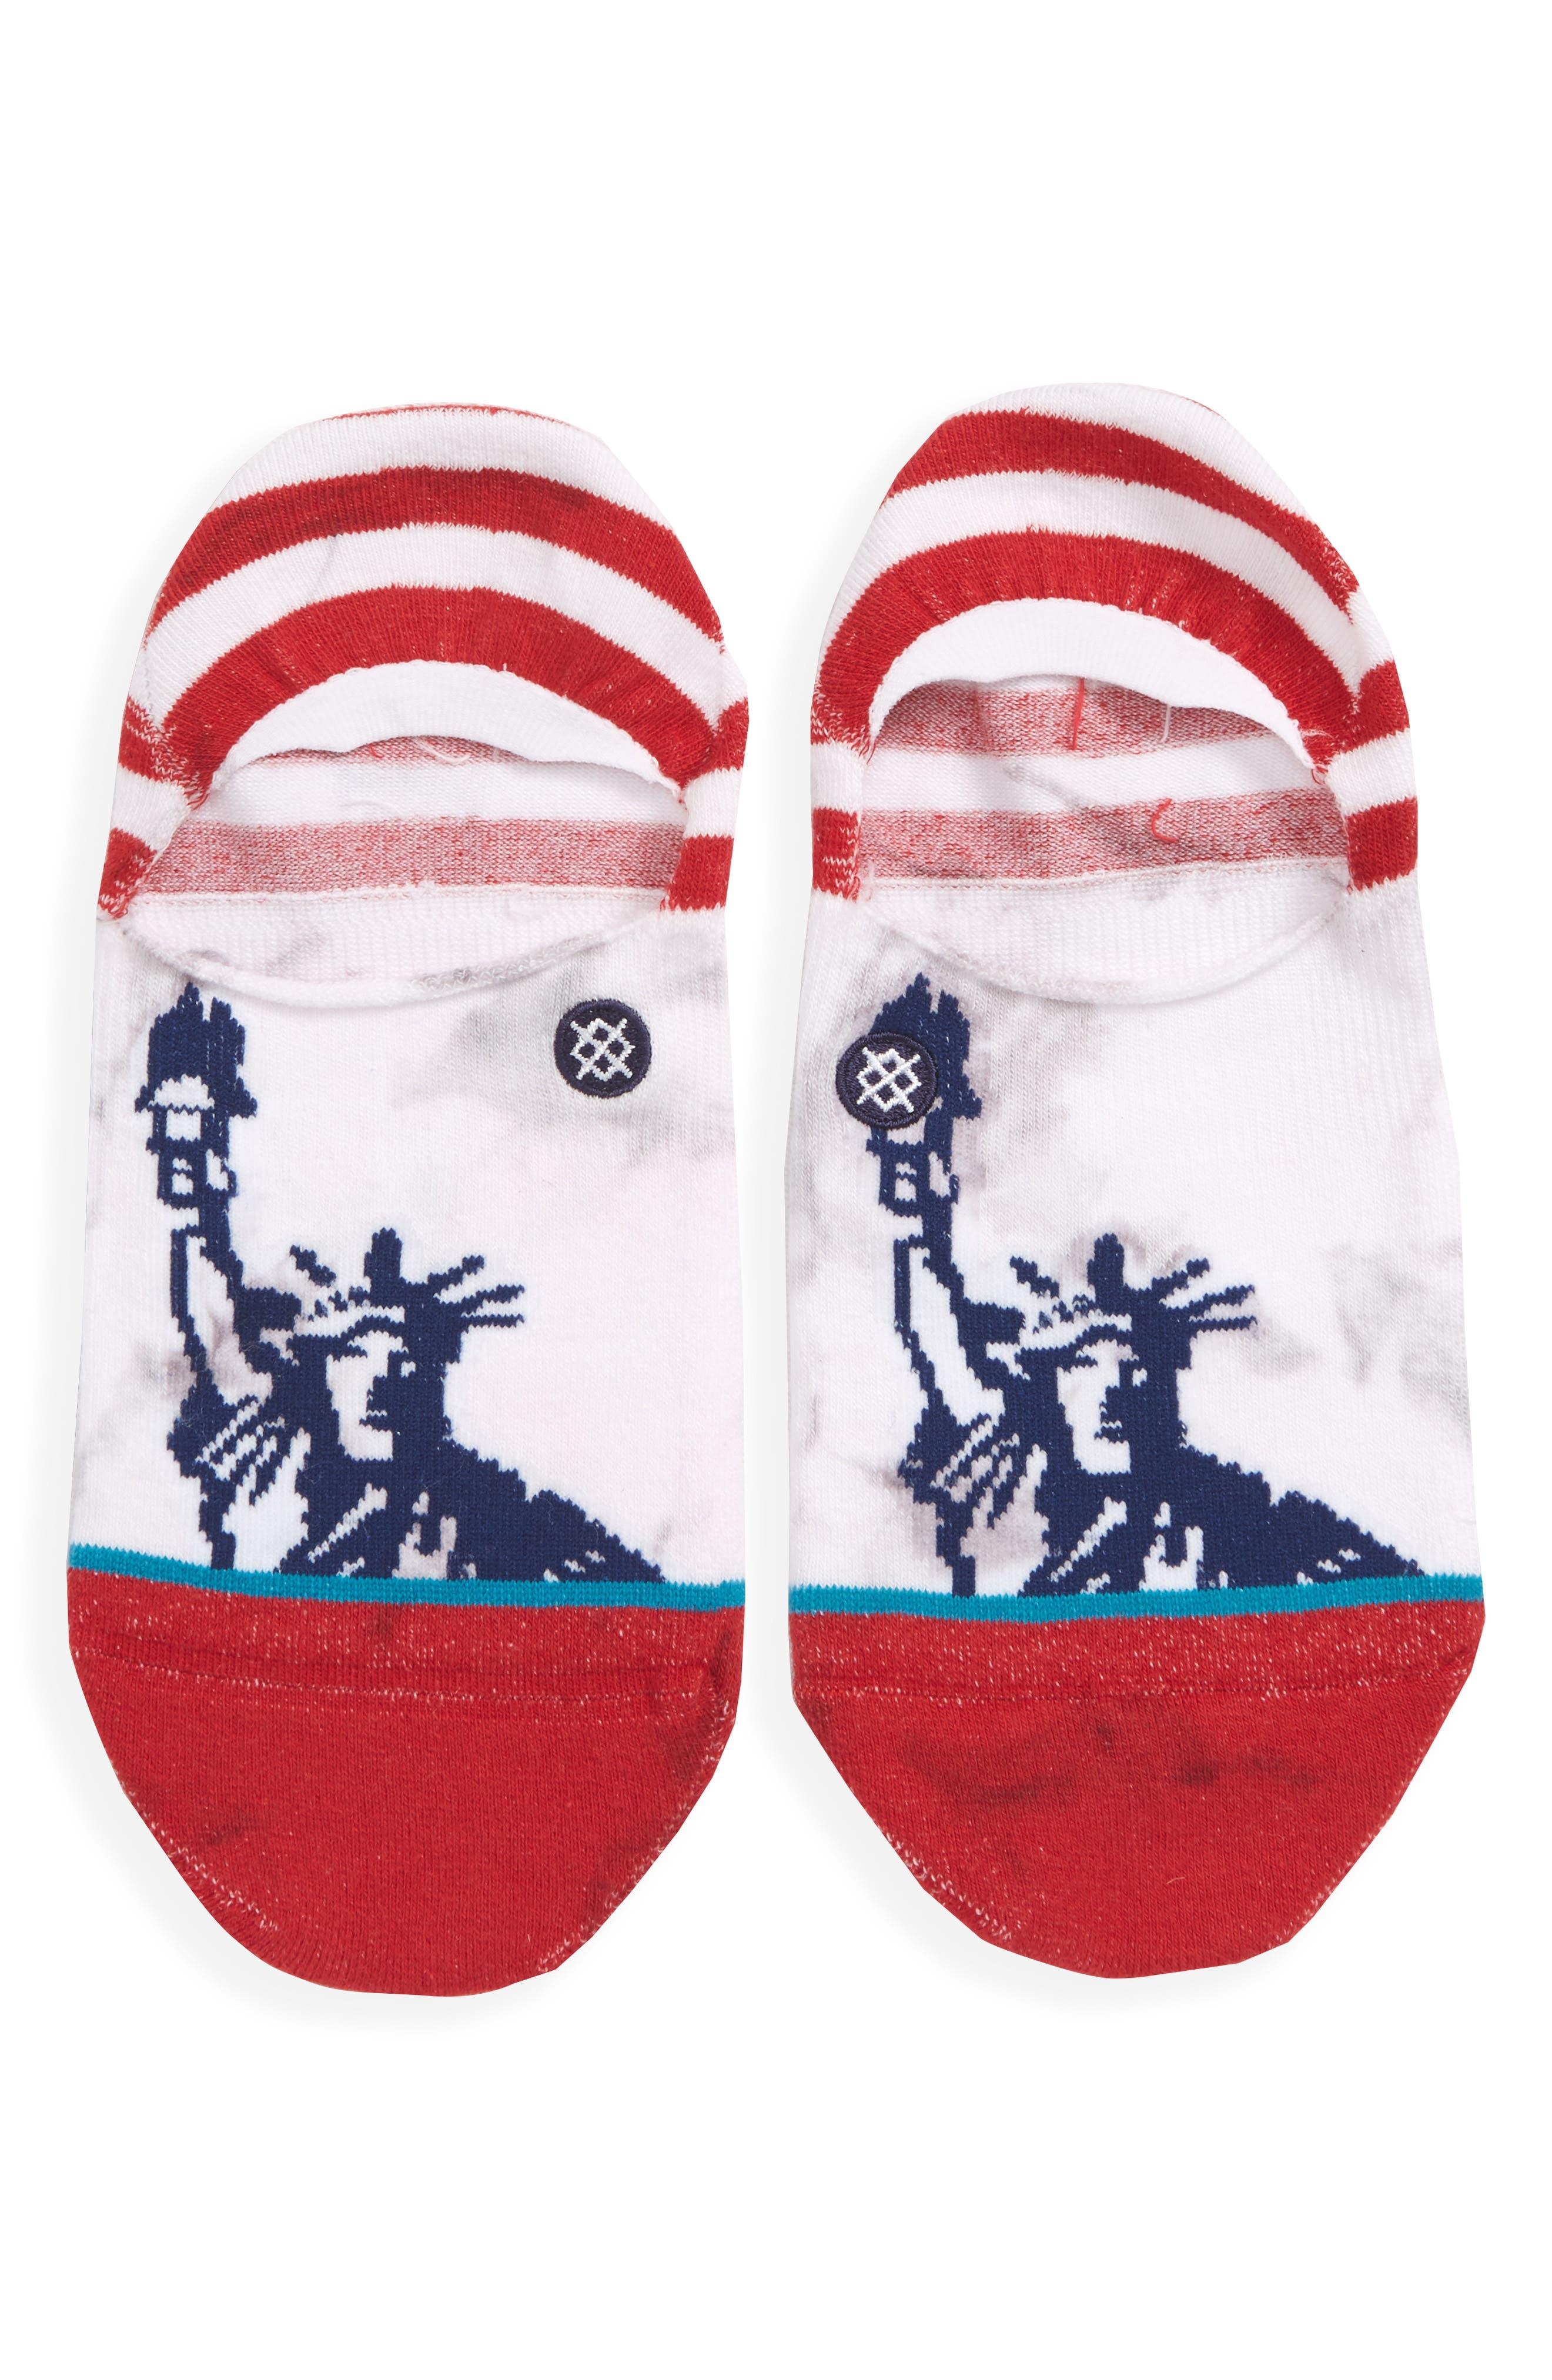 Liberties No-Show Socks,                             Main thumbnail 1, color,                             Red